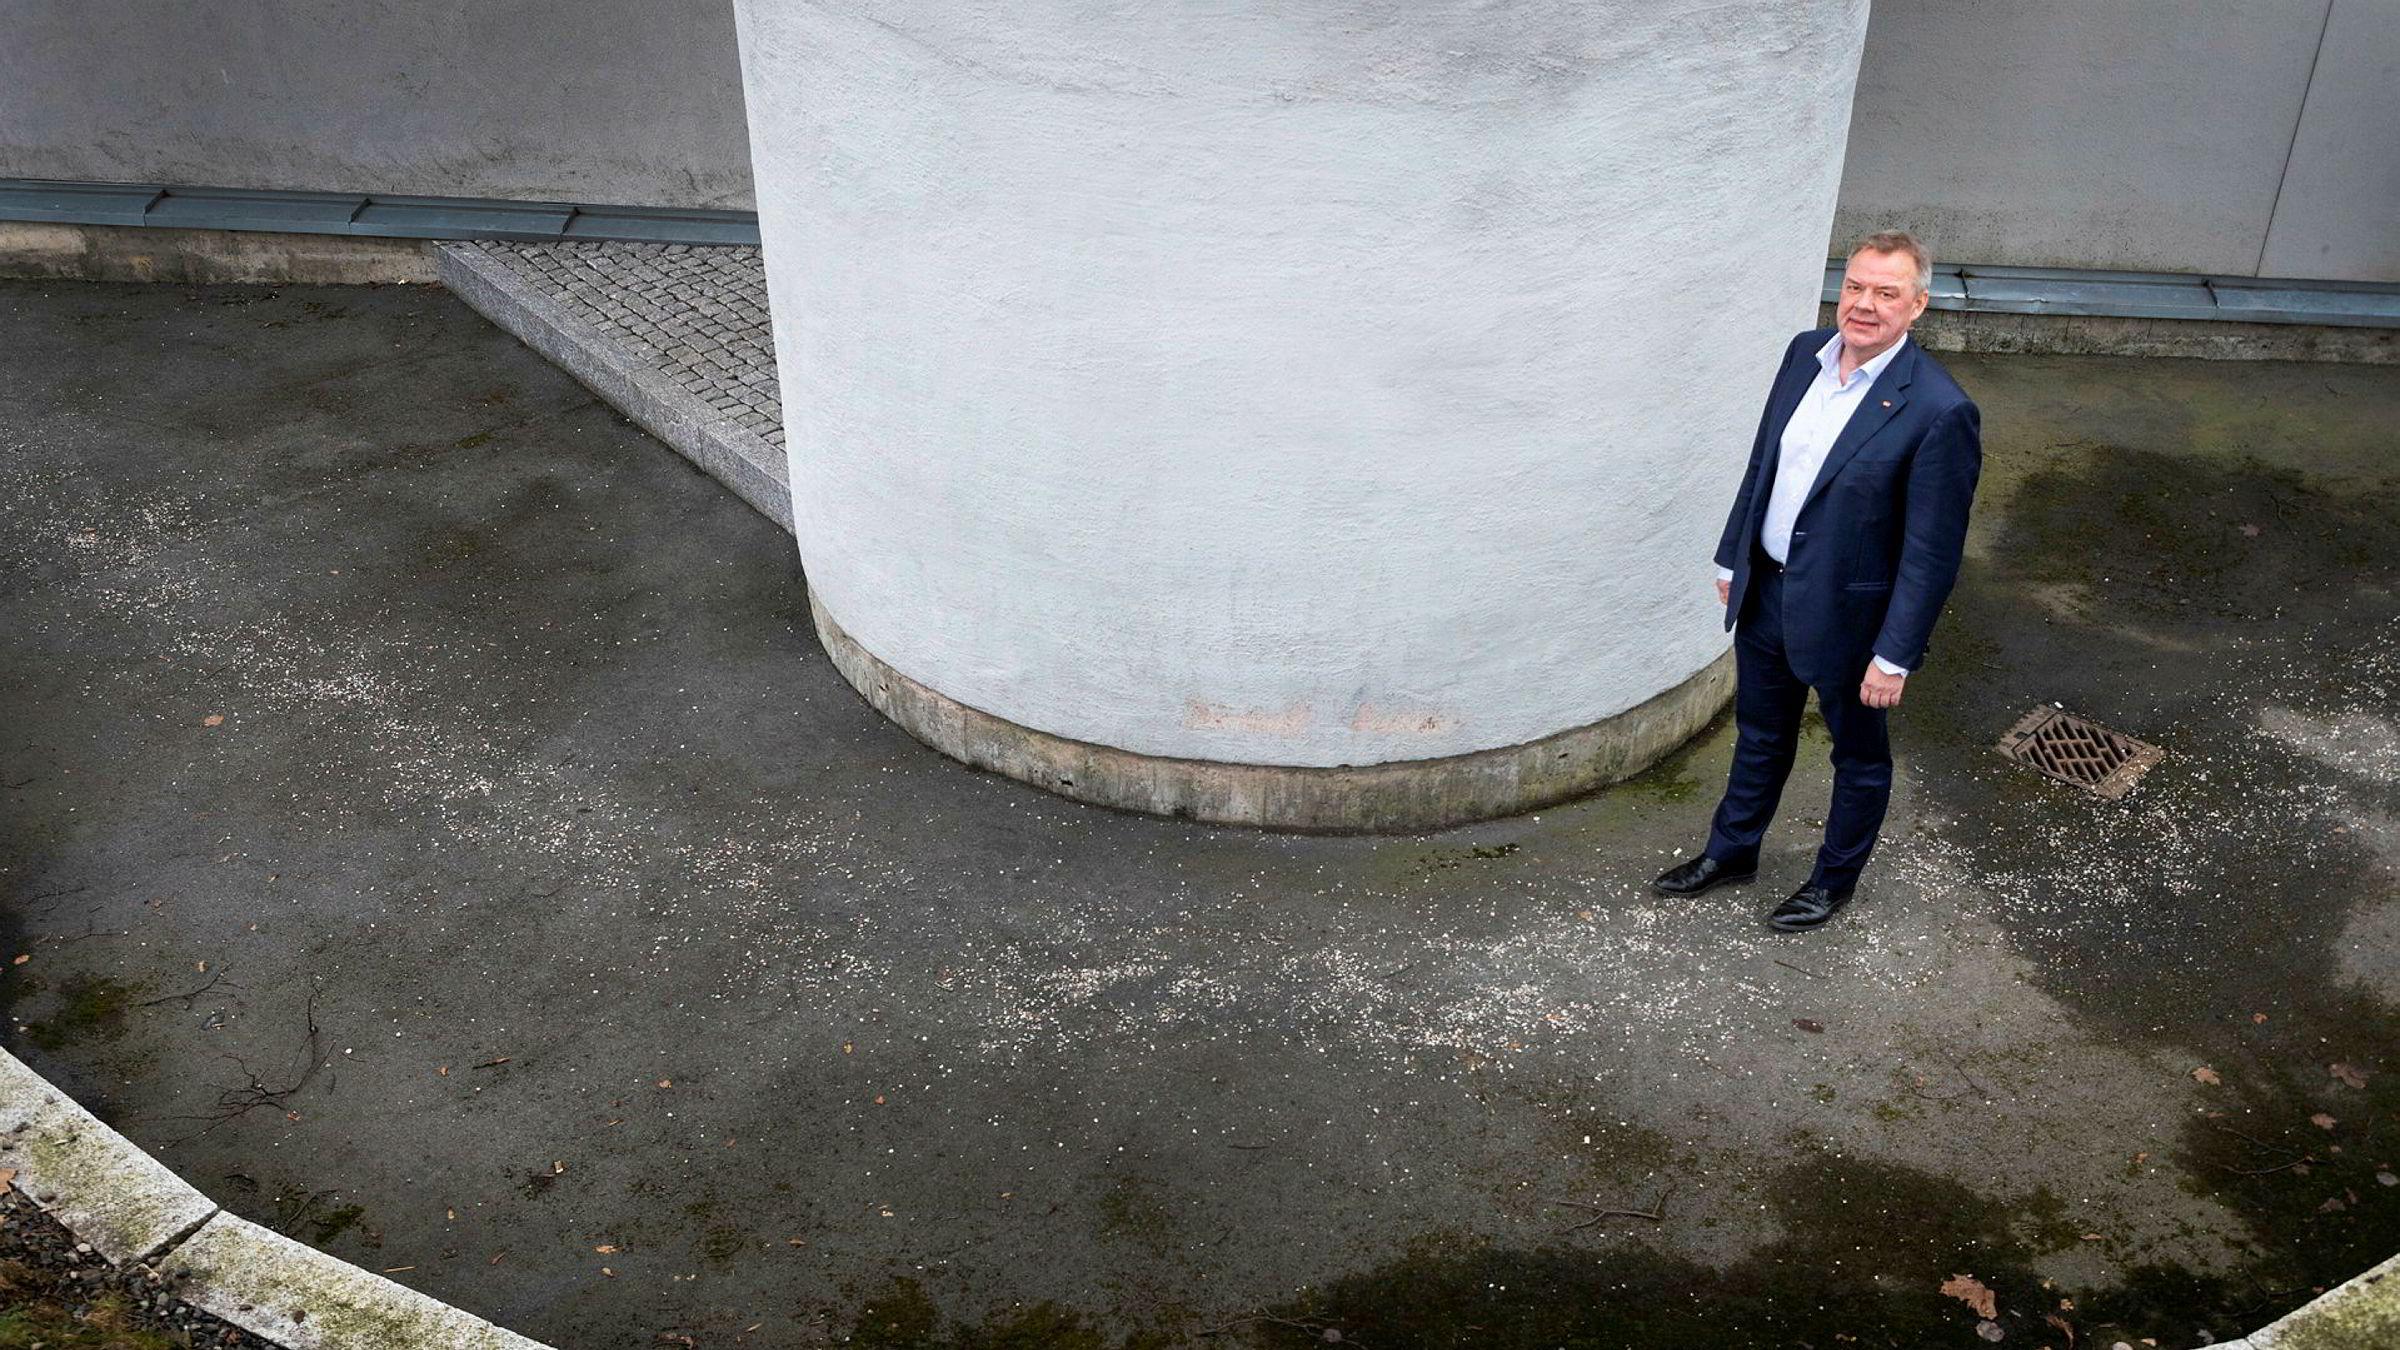 Konsernsjef Odd Arild Grefstad og Storebrand får kritikk på flere punkter av Finanstilsynet for ikke å ha håndtert interessekonflikter mellom selskapet og pensjonskundene på en god måte.